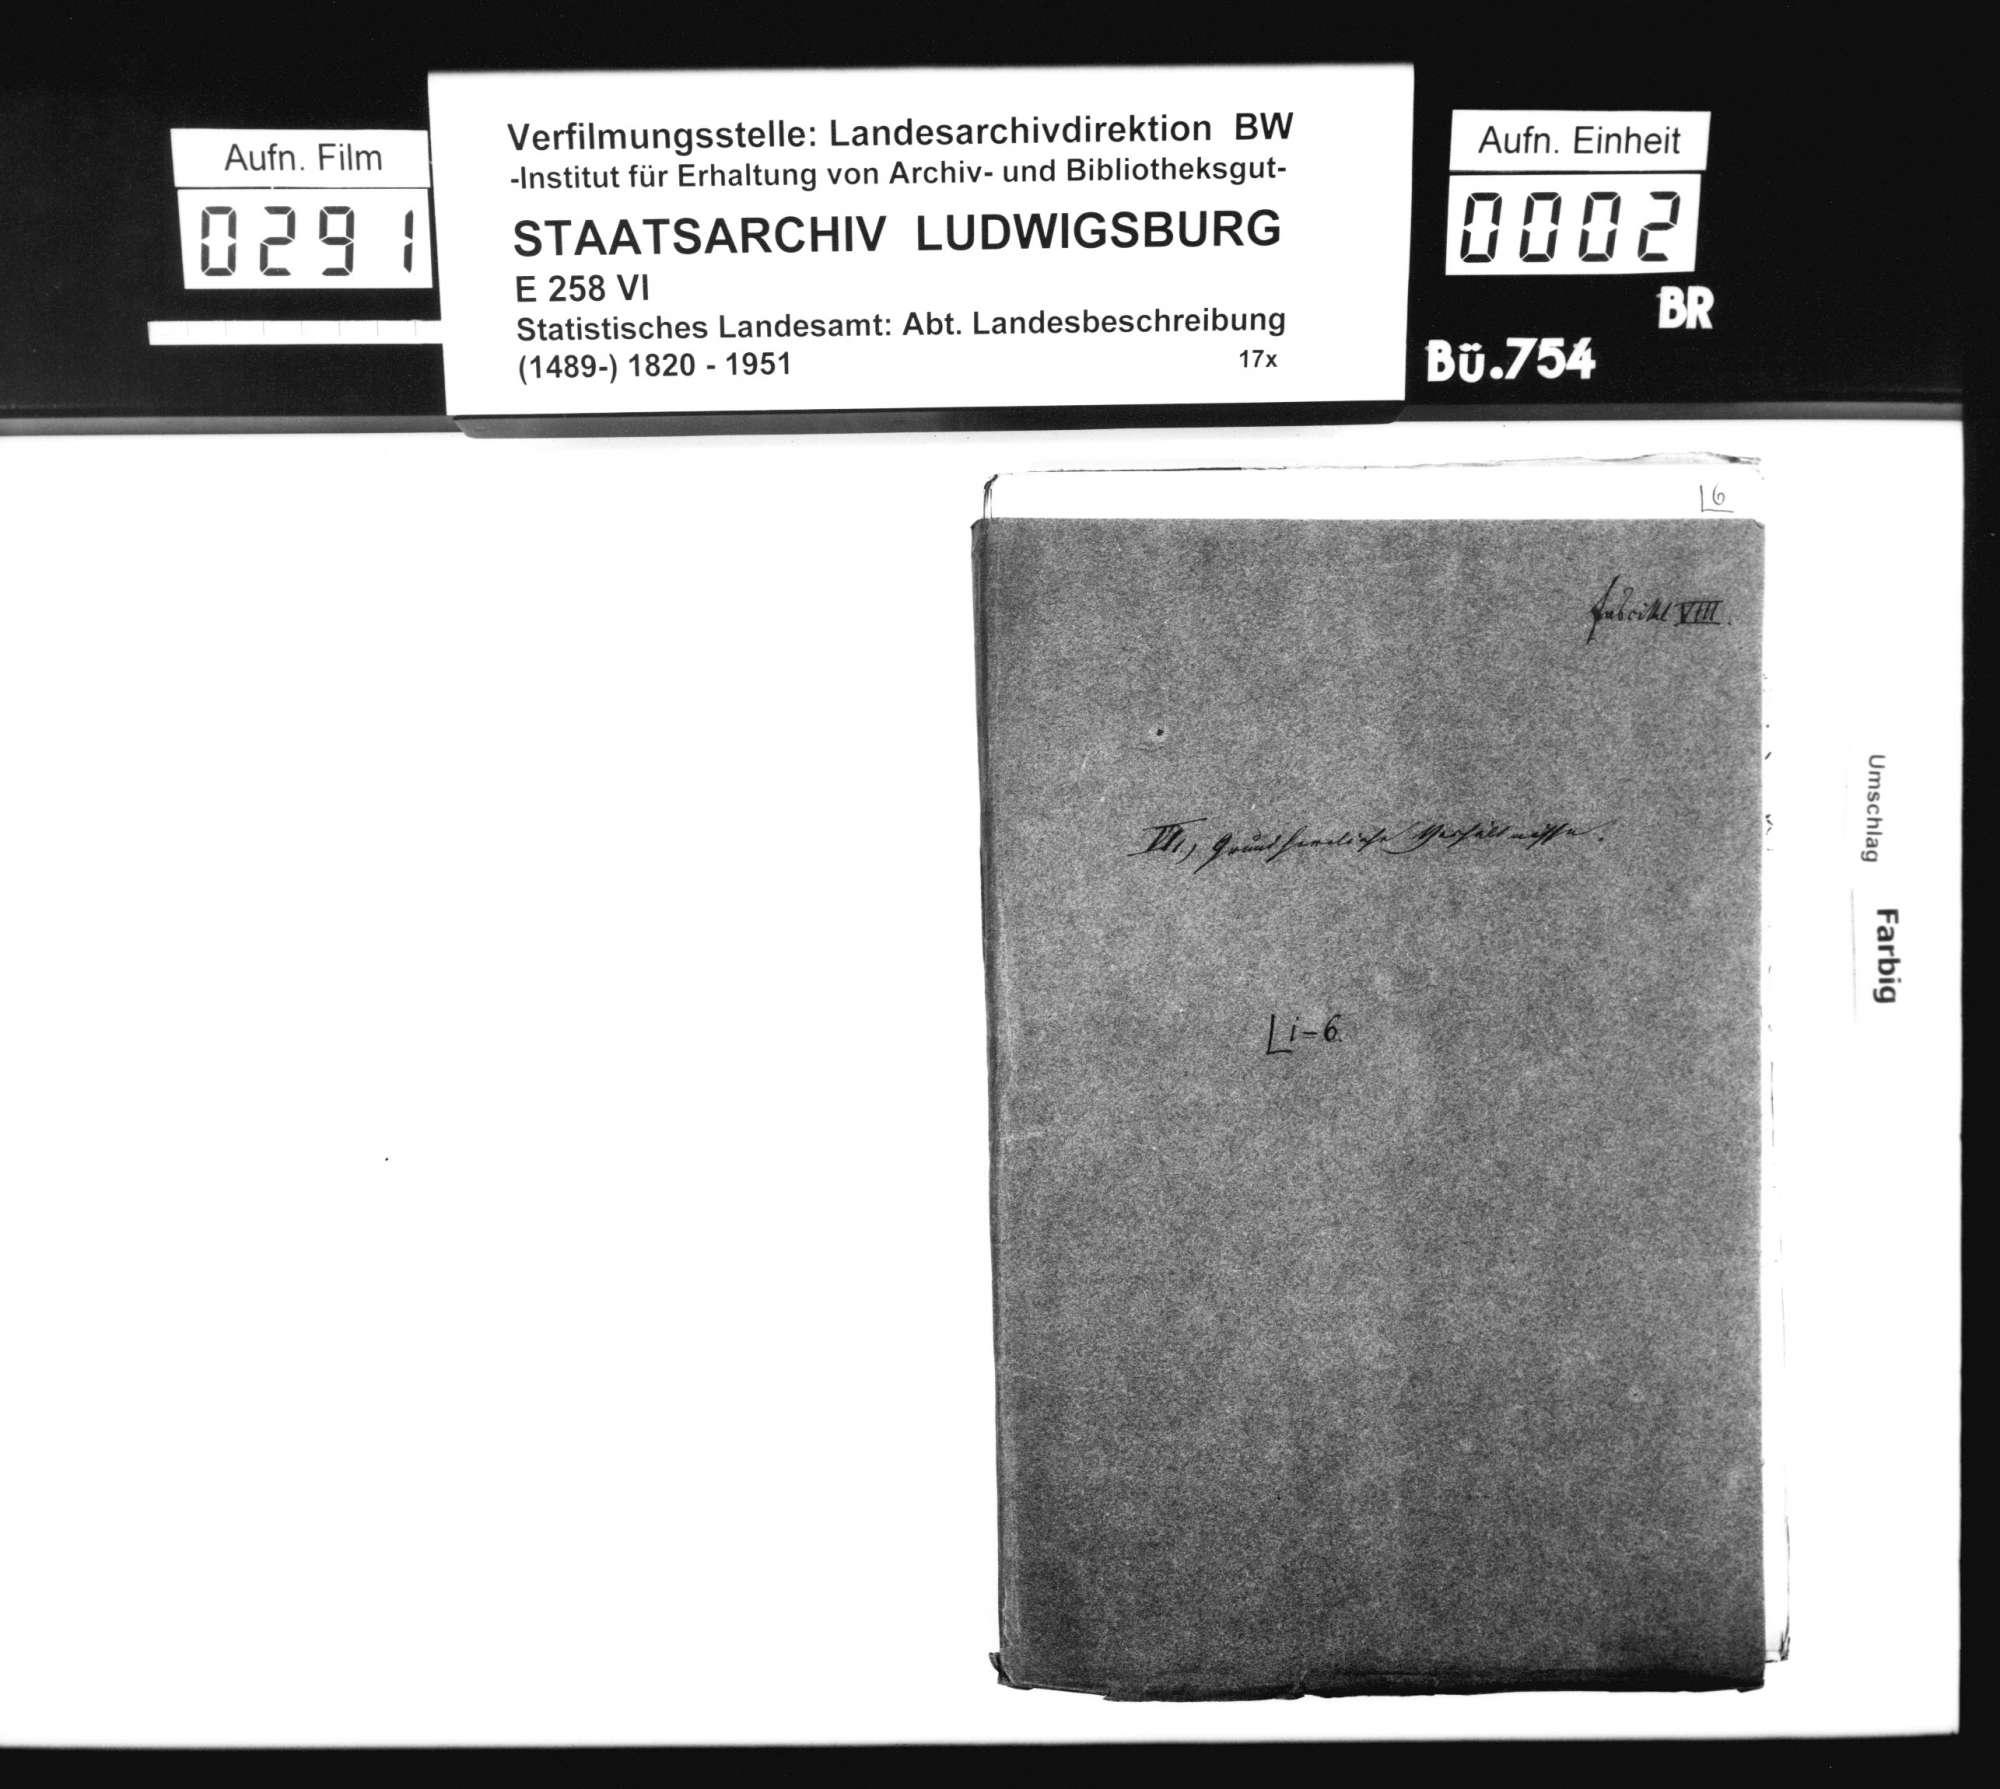 Zehnte und andere Gefälle sowie deren Ablösung im Oberamt, insbesondere in Lauffen a.N., Bild 1